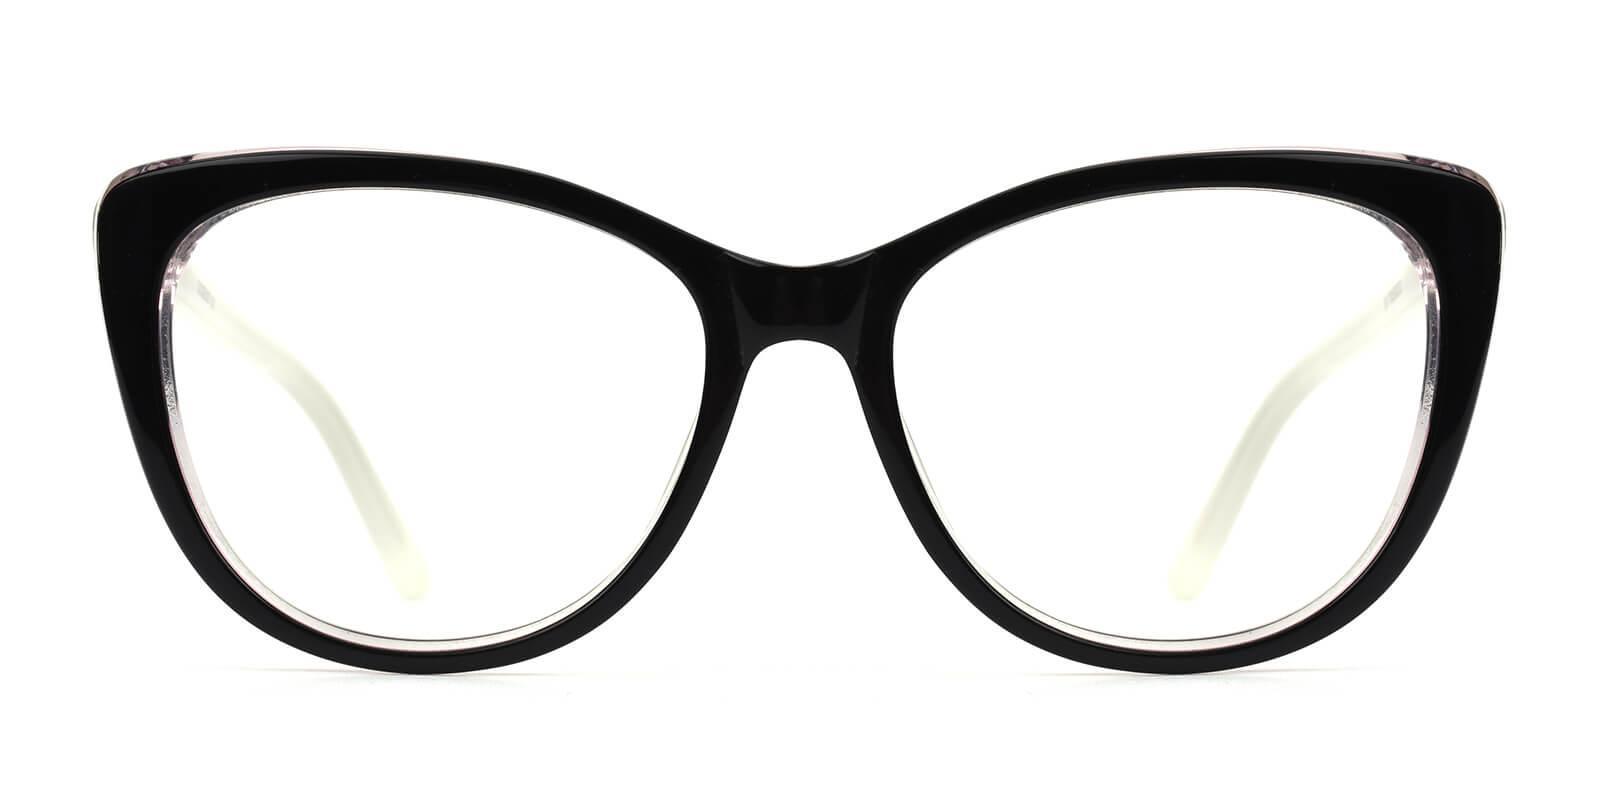 Secretly-White-Cat-Acetate-Eyeglasses-additional2